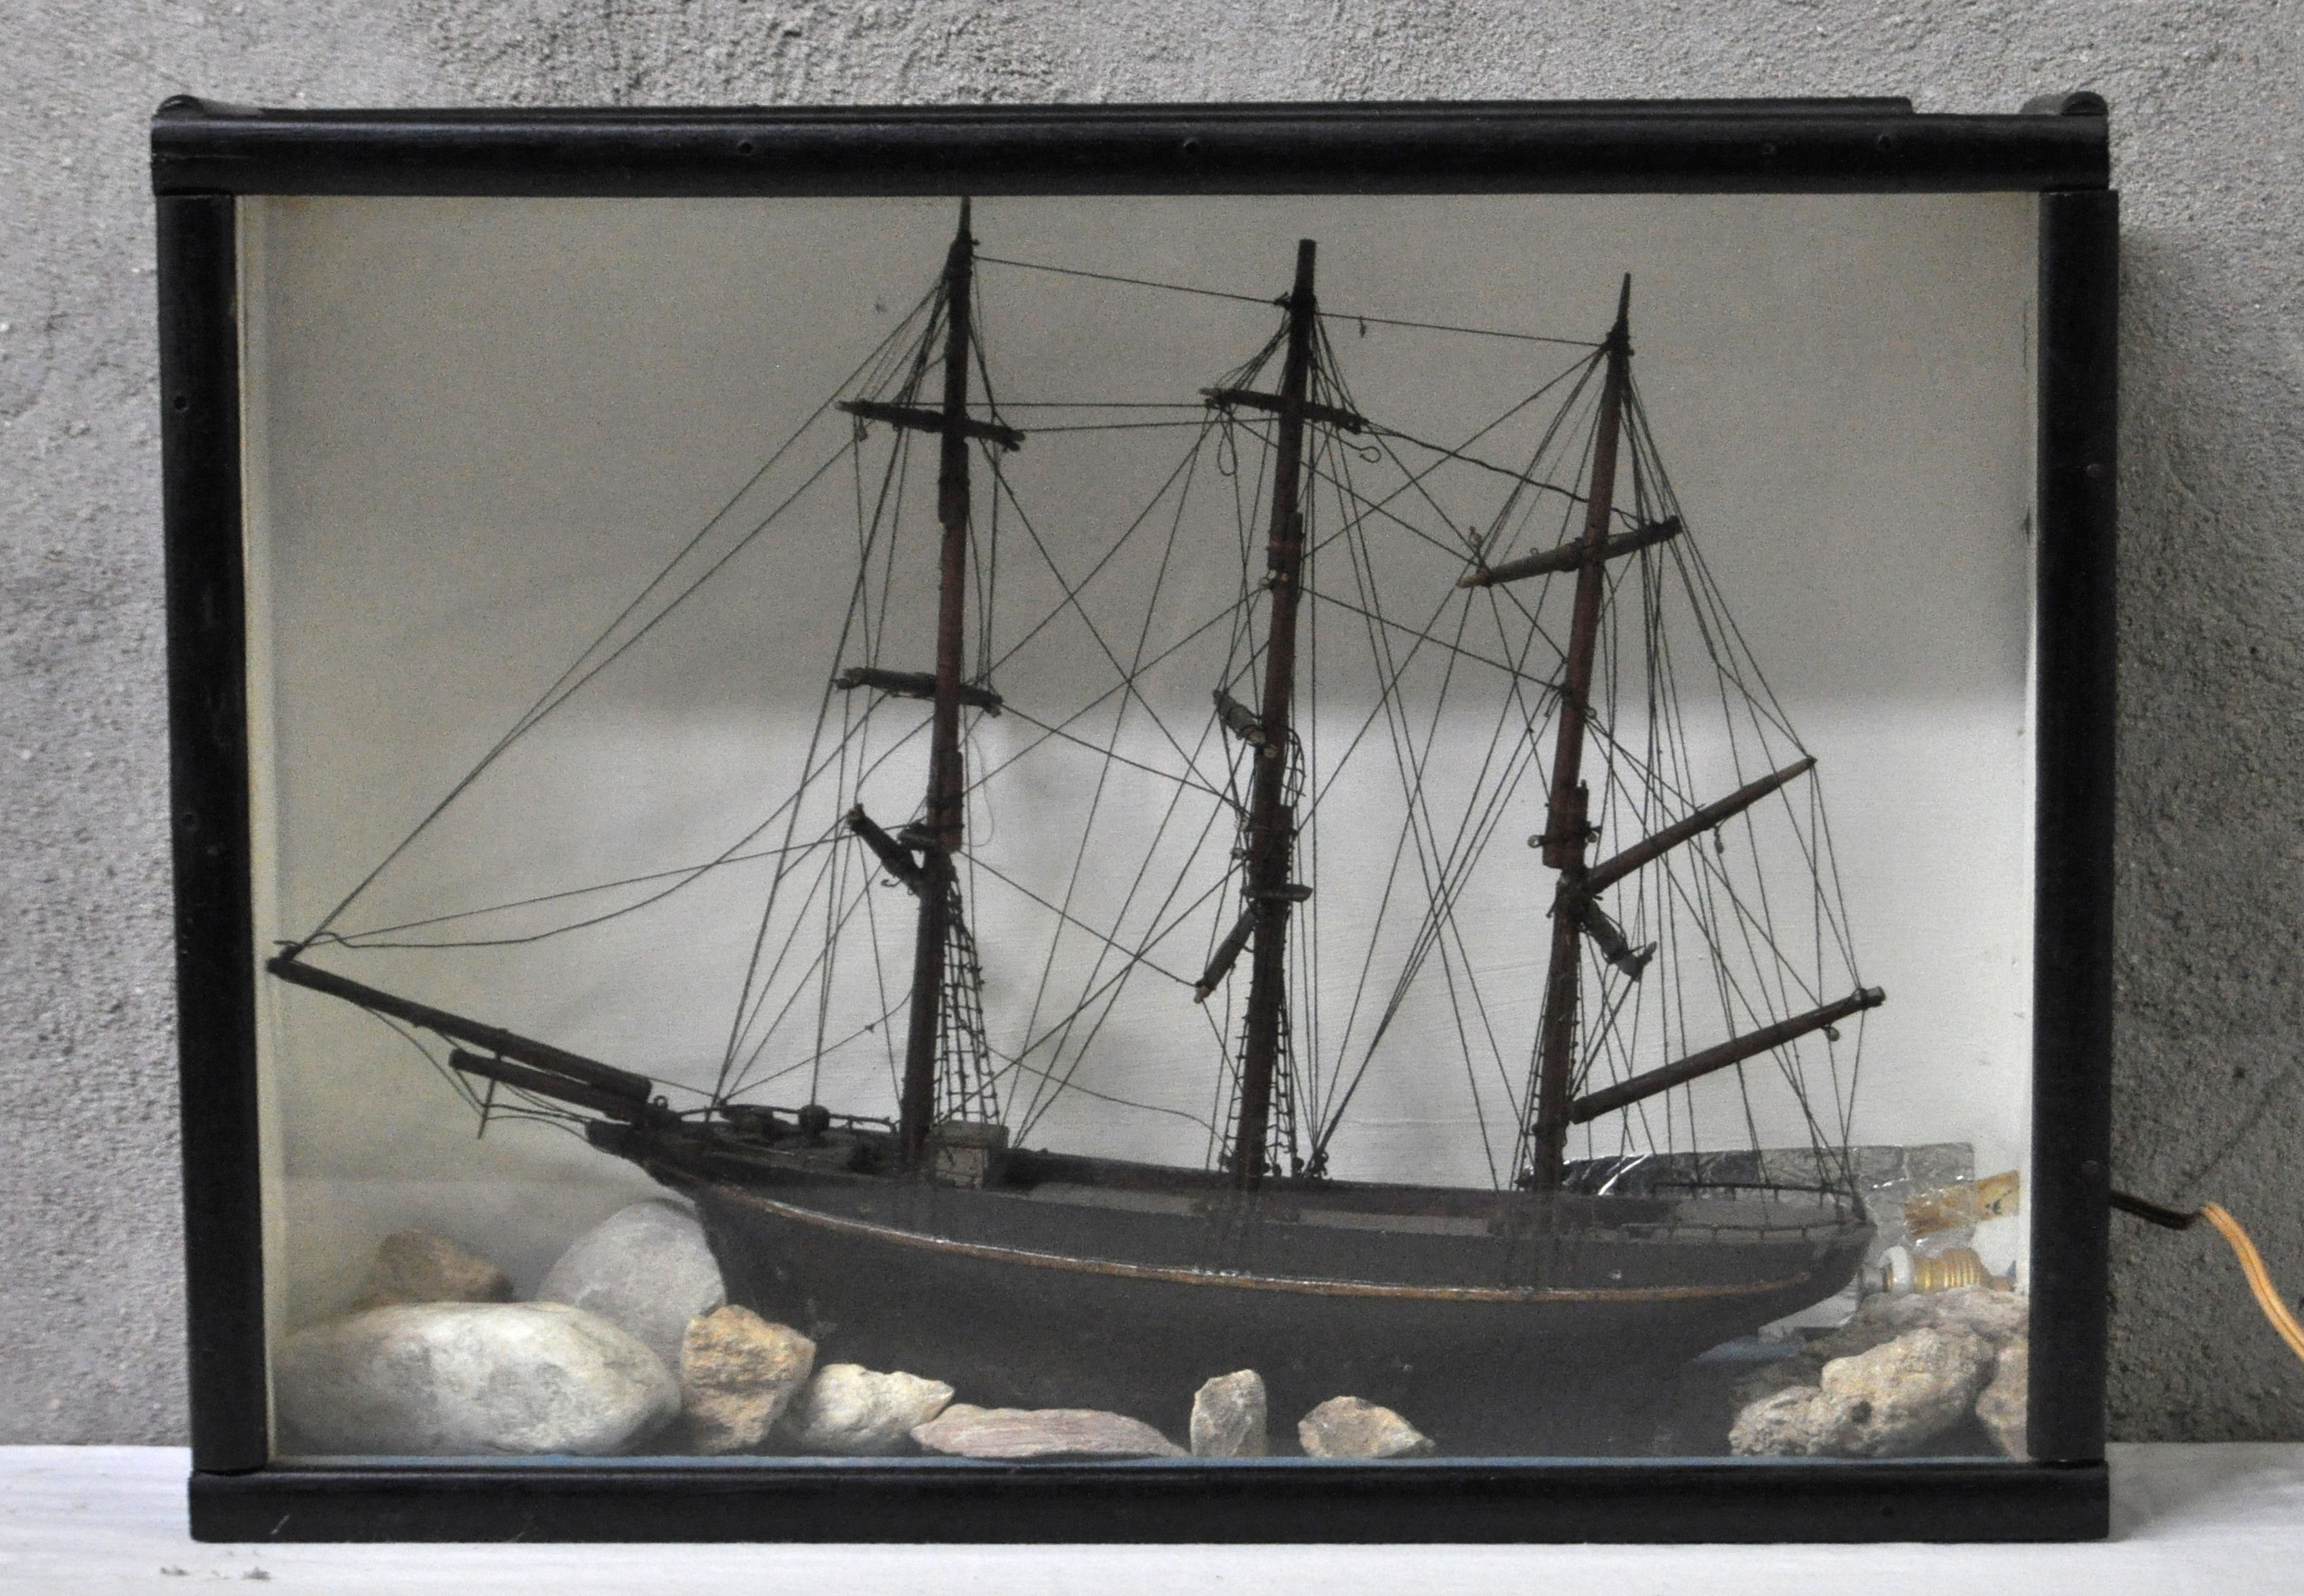 Een houten schaalmodel van een driemaster in een glazen vitrine jordaens n v veilinghuis - Model bibliotheek houten ...